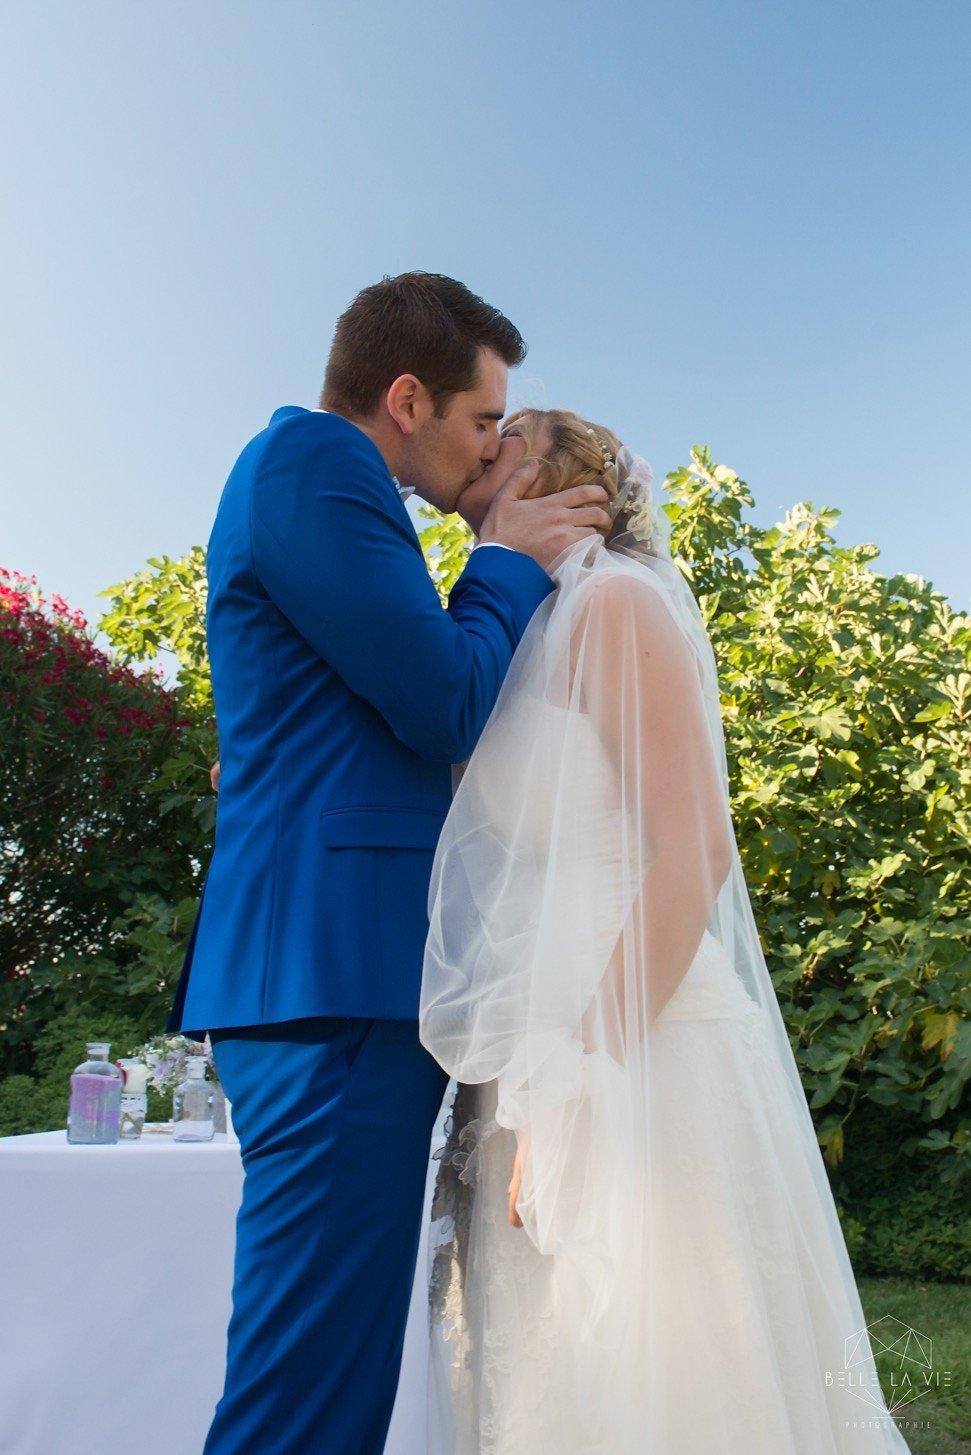 Le marié peut embrasser la marié, cérémonie laïque.